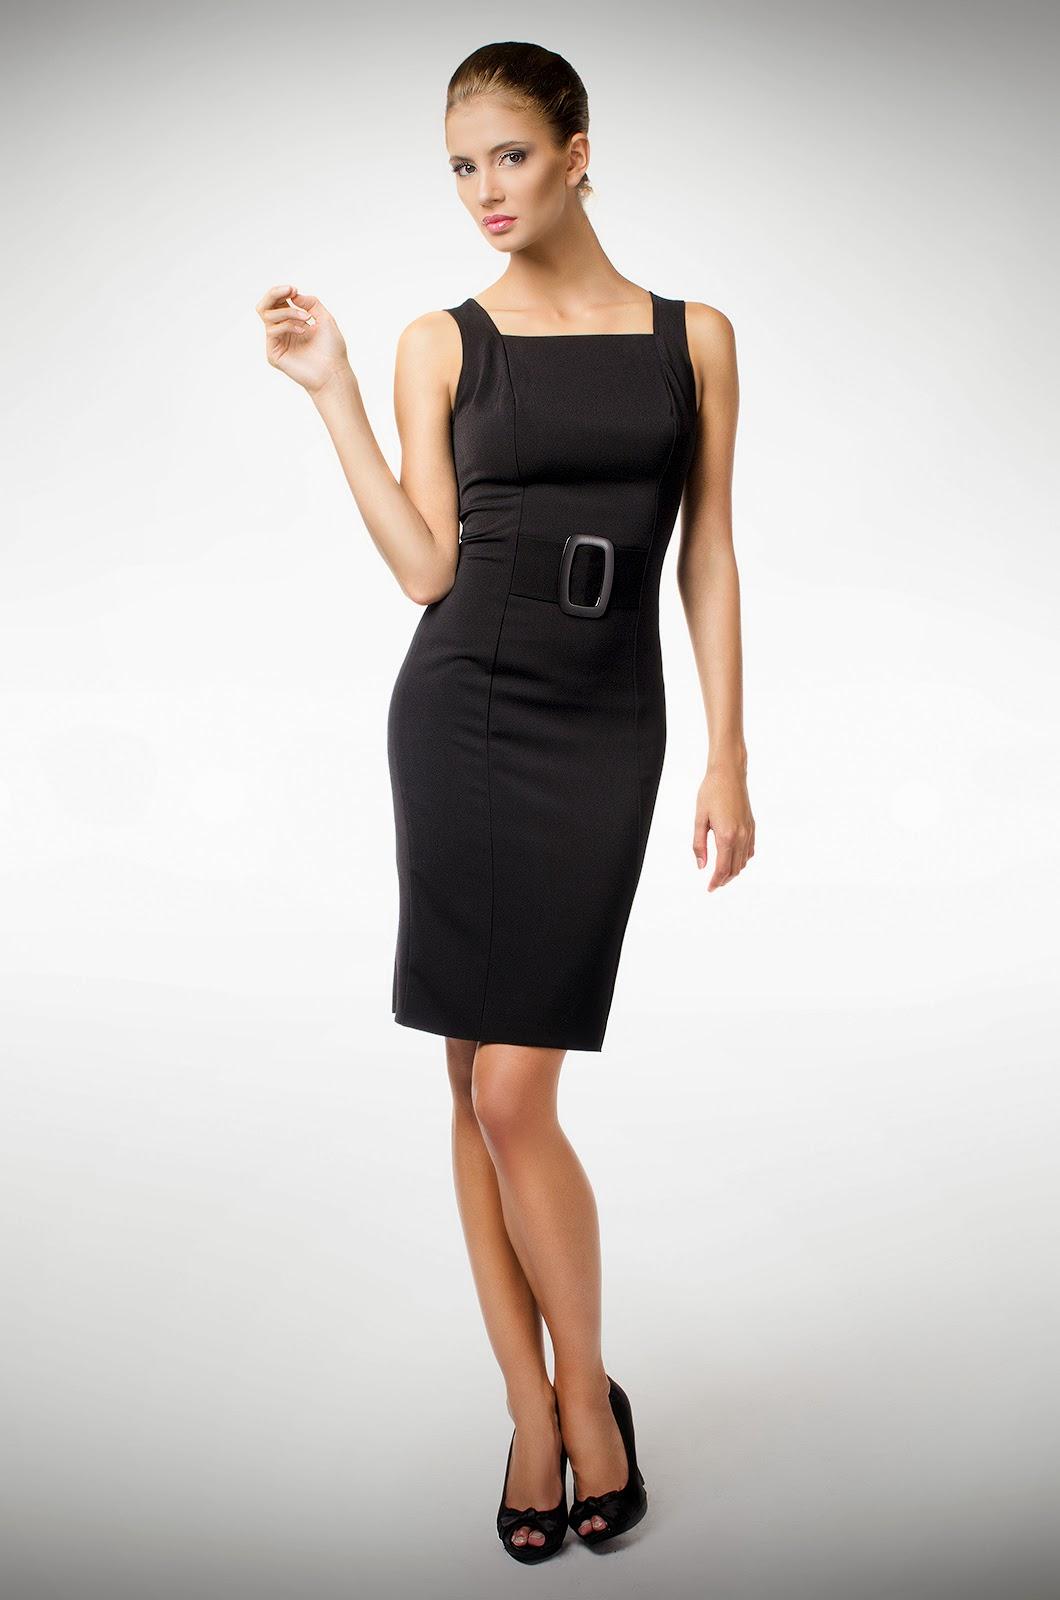 c0b9c06629 Najbezpieczniejsze są klasyczne szpilki w szpic. Nigdy nie wychodzą z mody  i zawsze wyglądają elegancko.